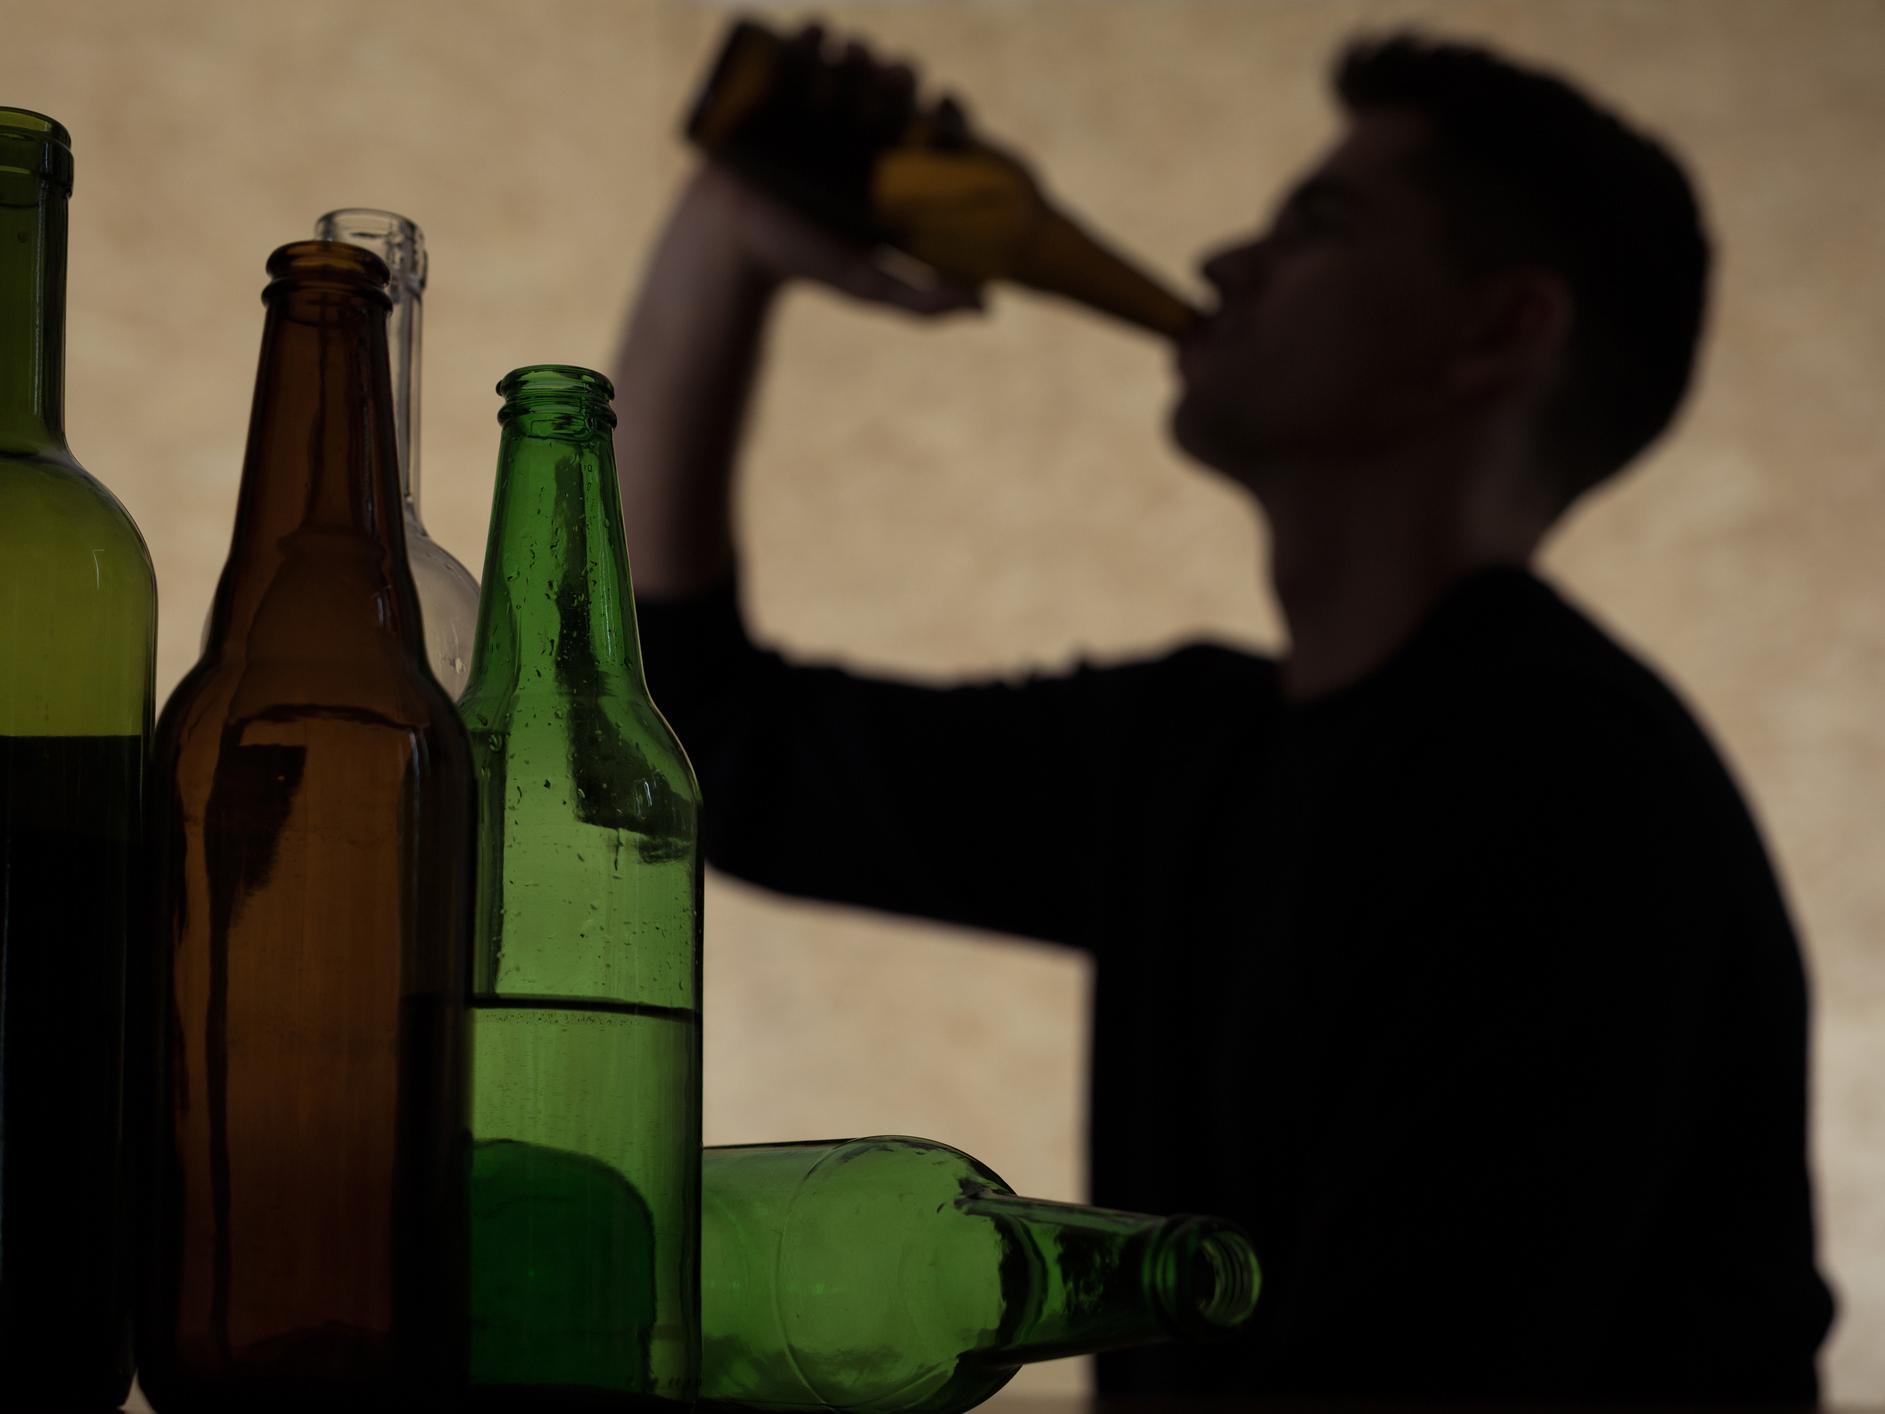 """""""Kapicúa"""", otra bebida alcohólica que está causando muertes, según Salud Pública"""